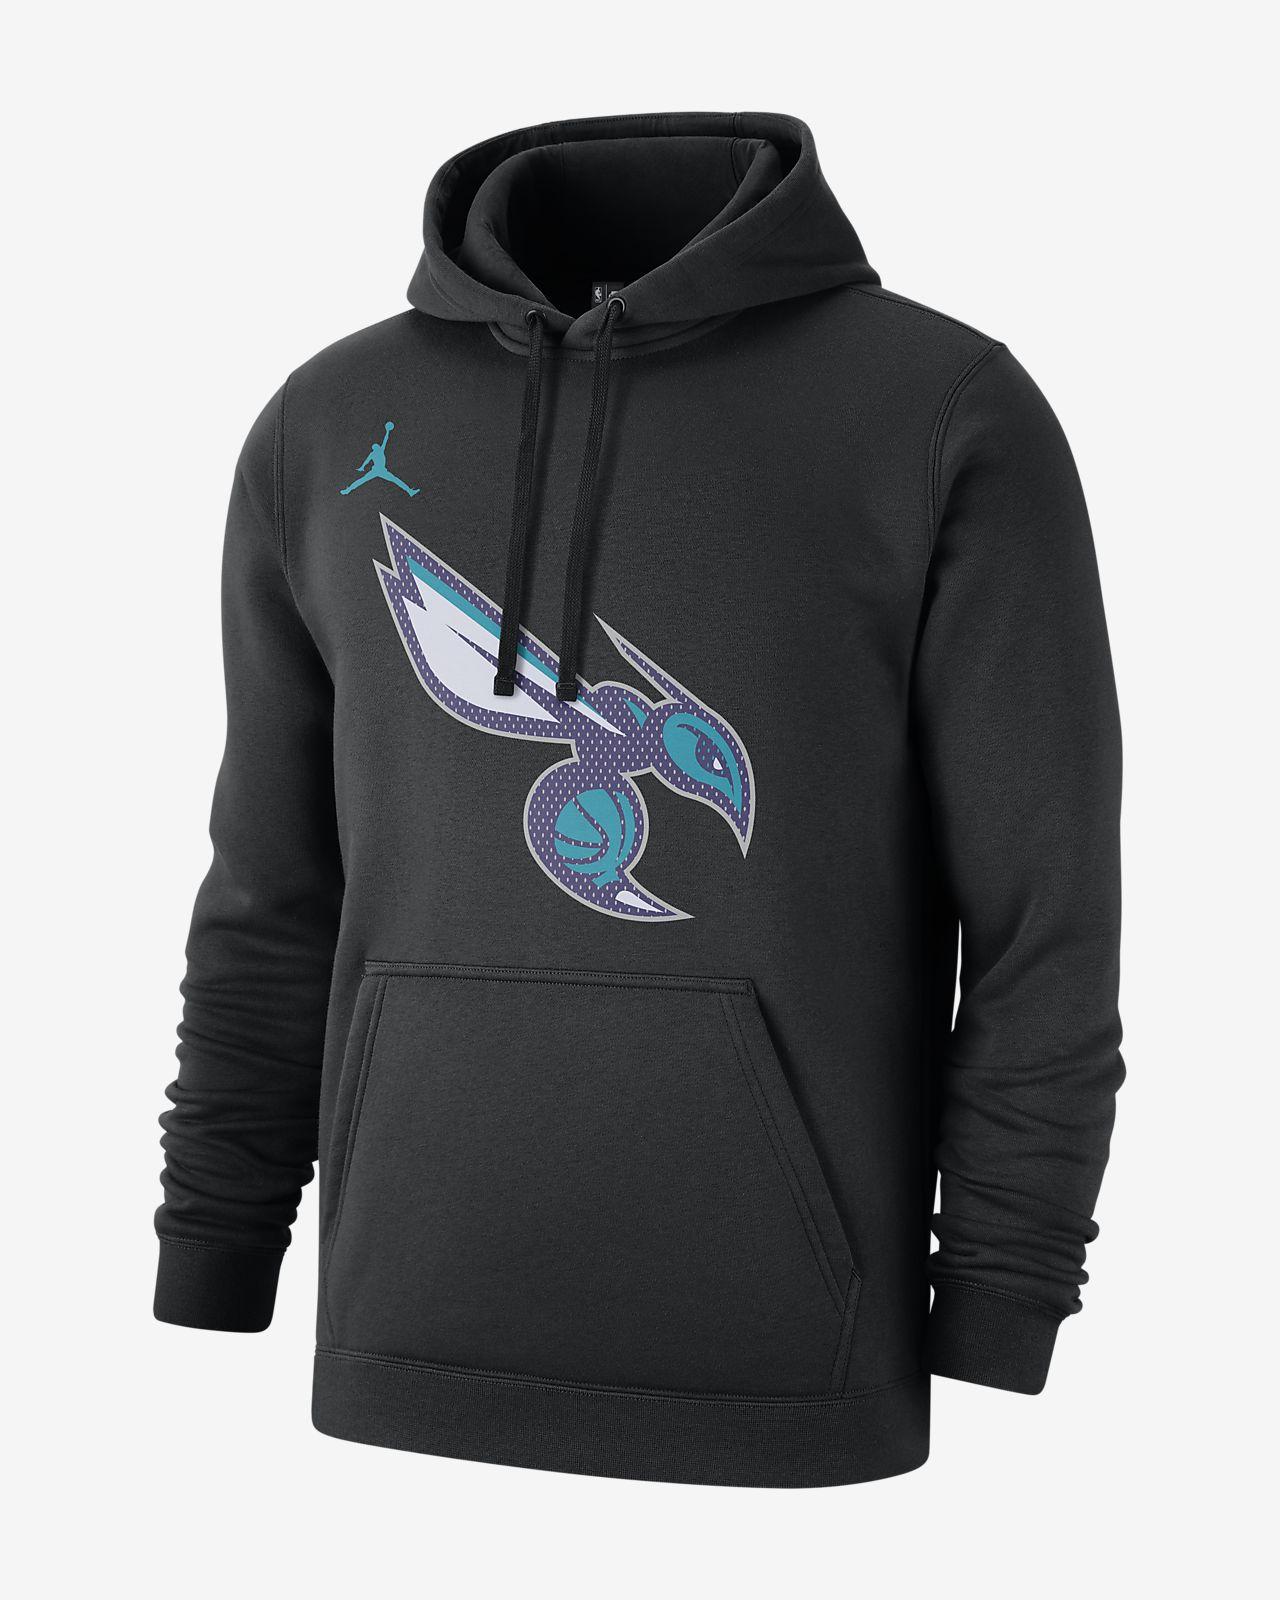 Charlotte Hornets Jordan NBA-hoodie voor heren